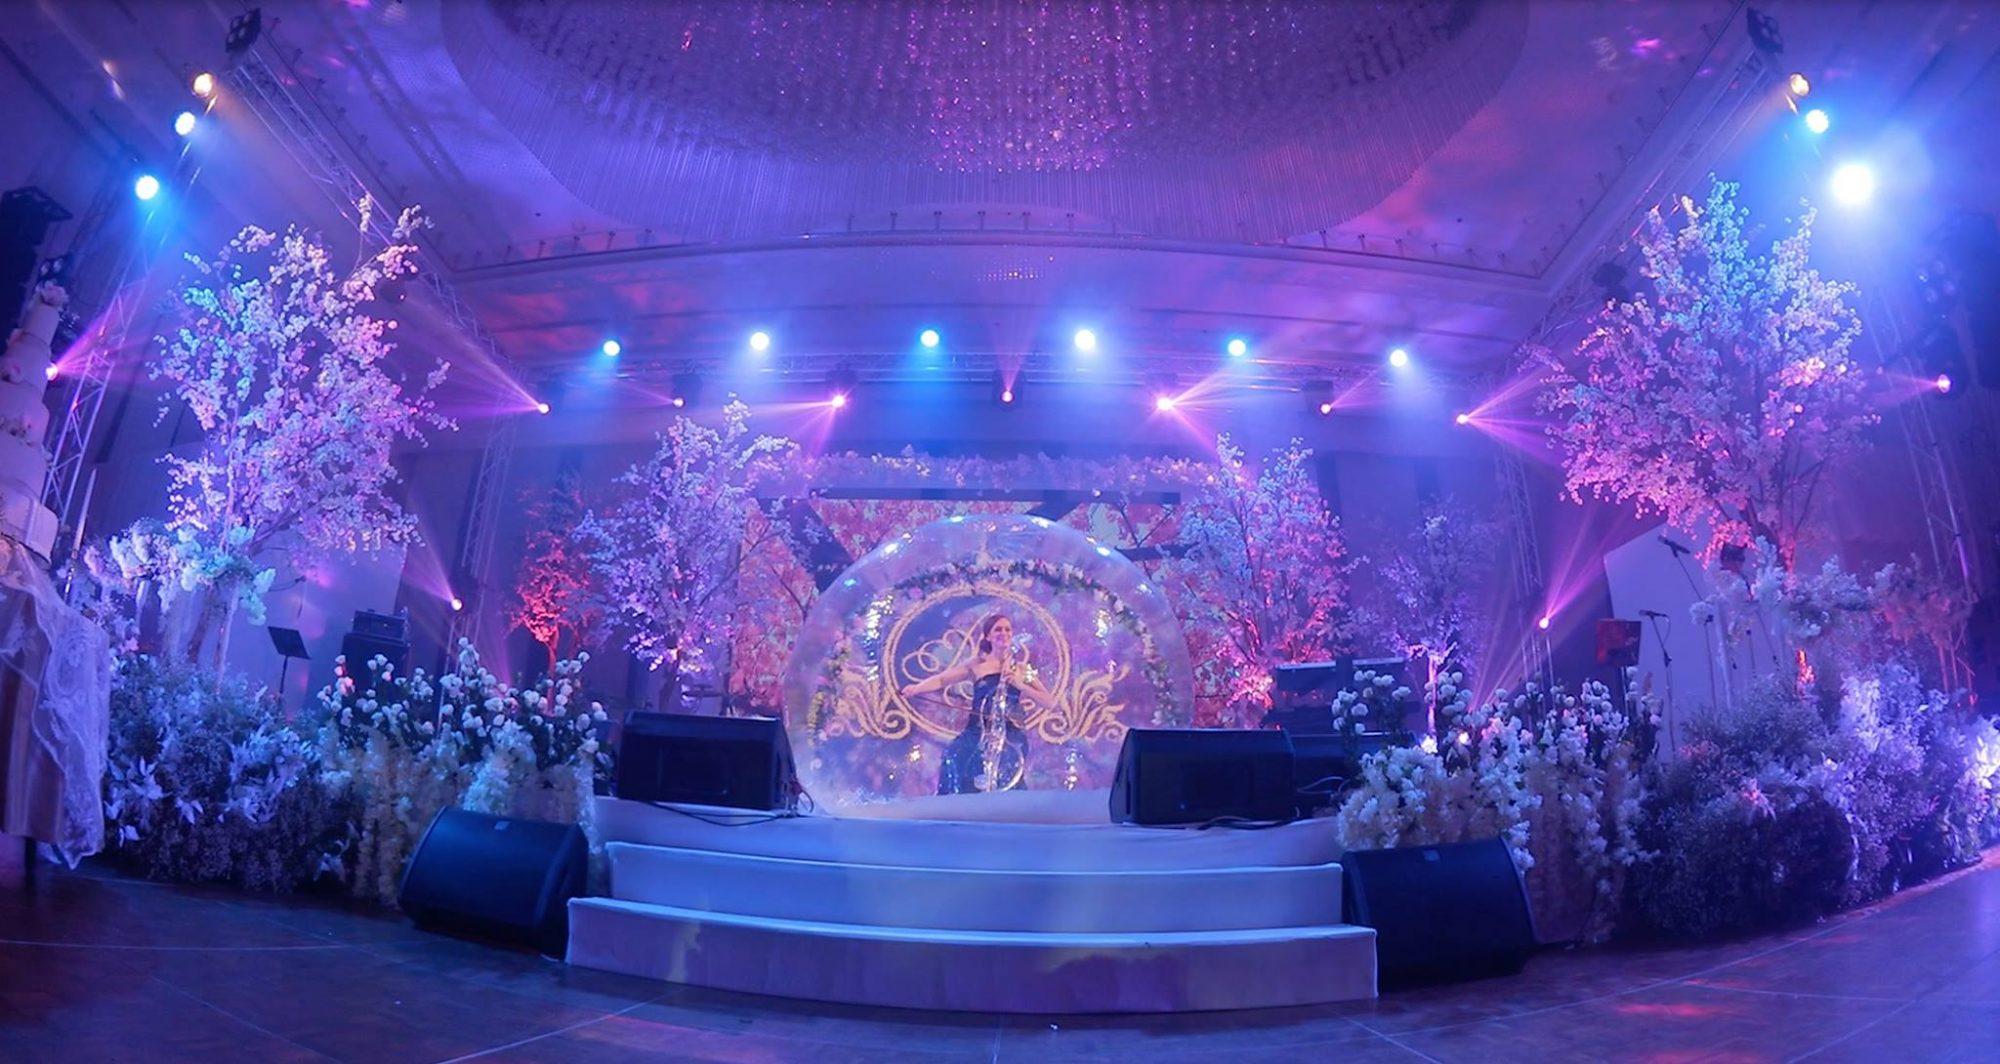 Tujhe rab ne banaya hai kamaal full video song mela aamir khan twinkle - 2 7